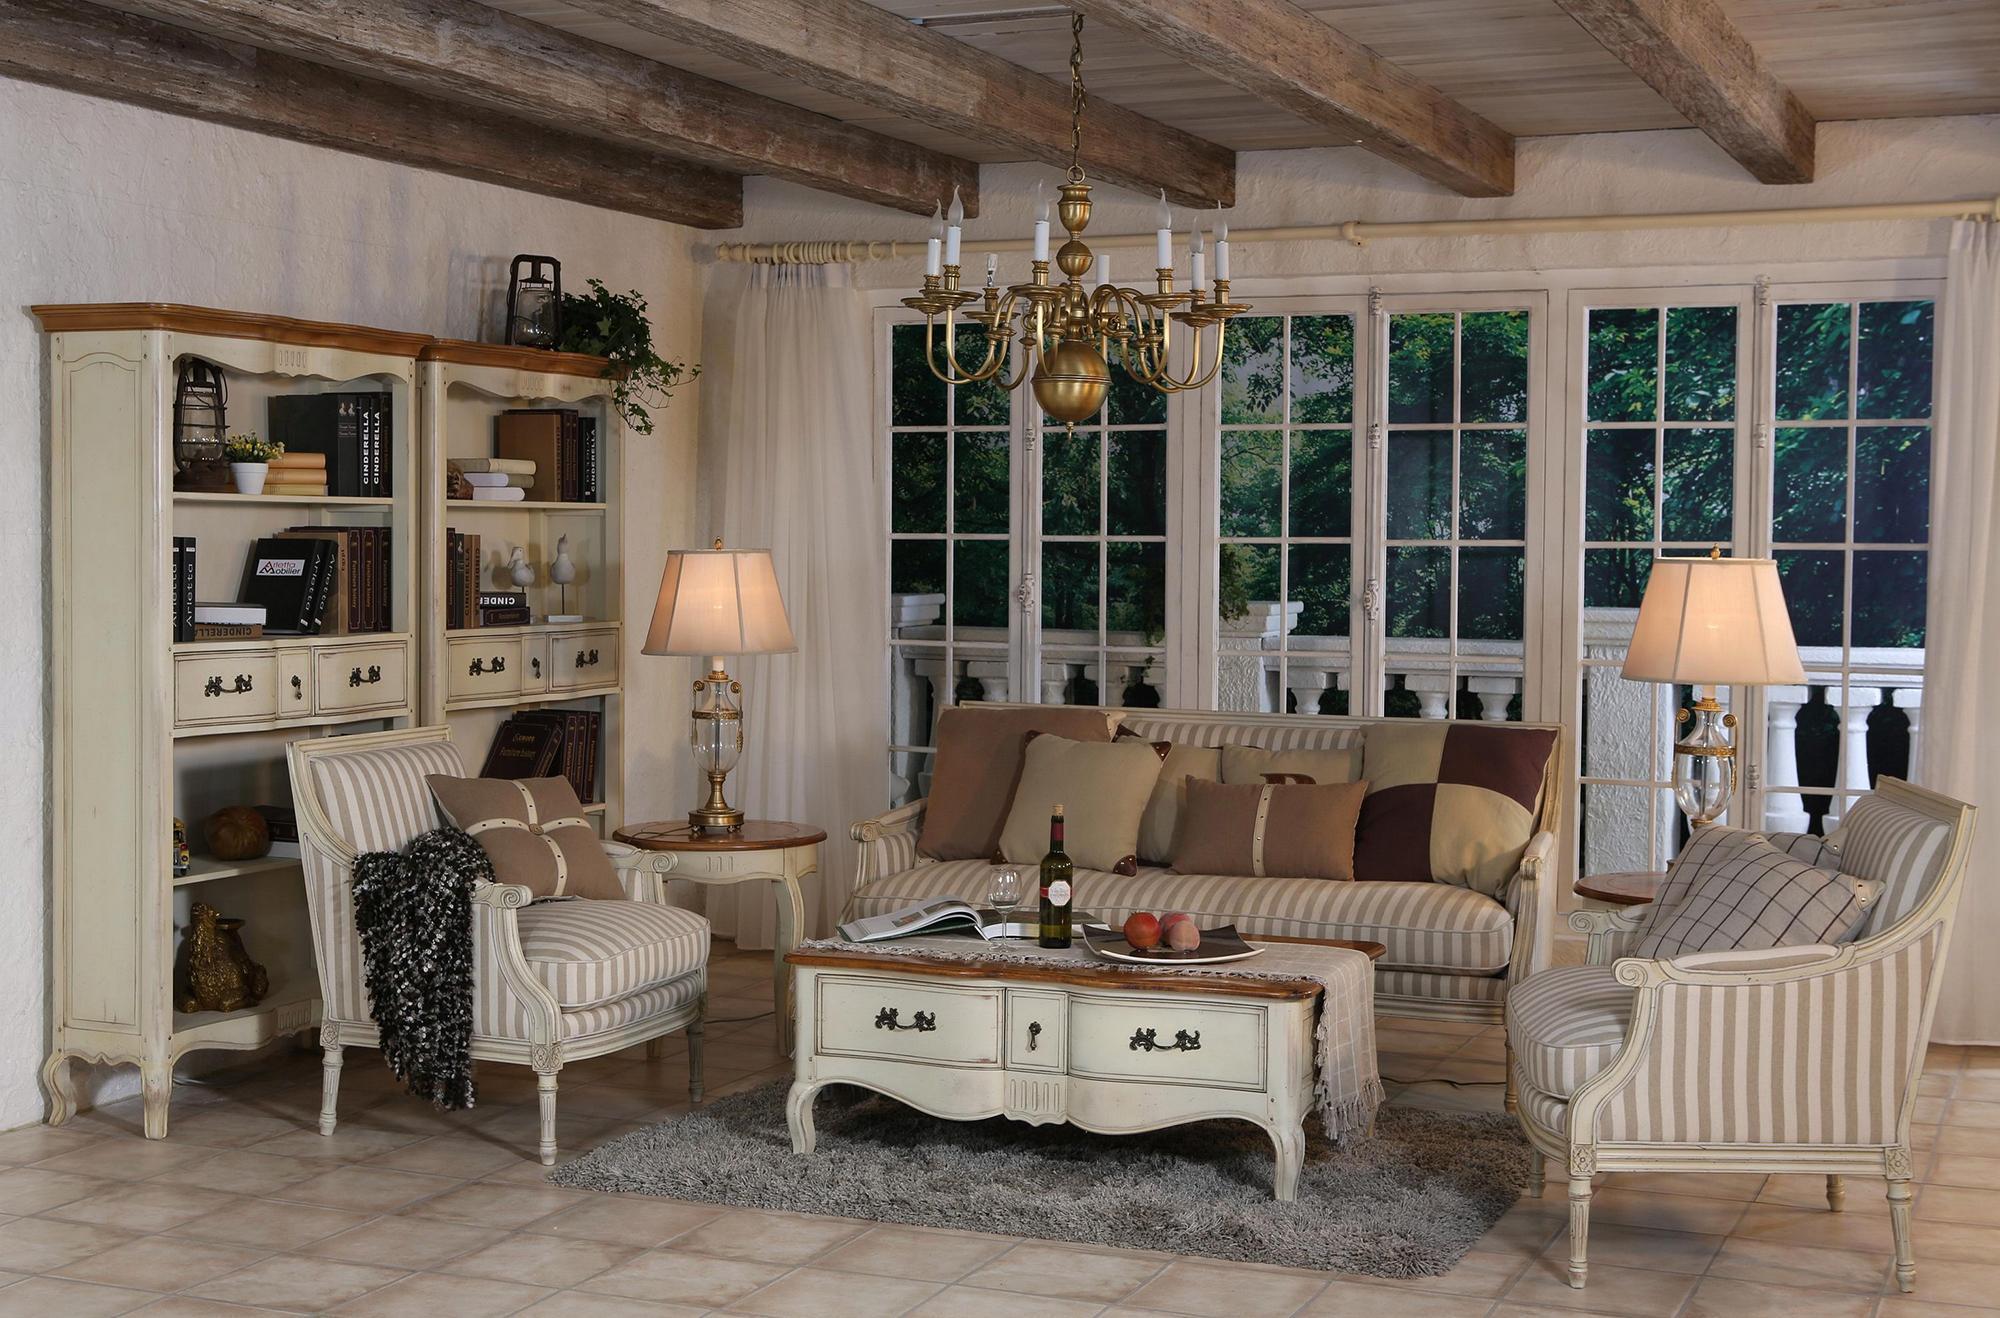 Коричнево-бежевая просторная гостиная в стиле прованс